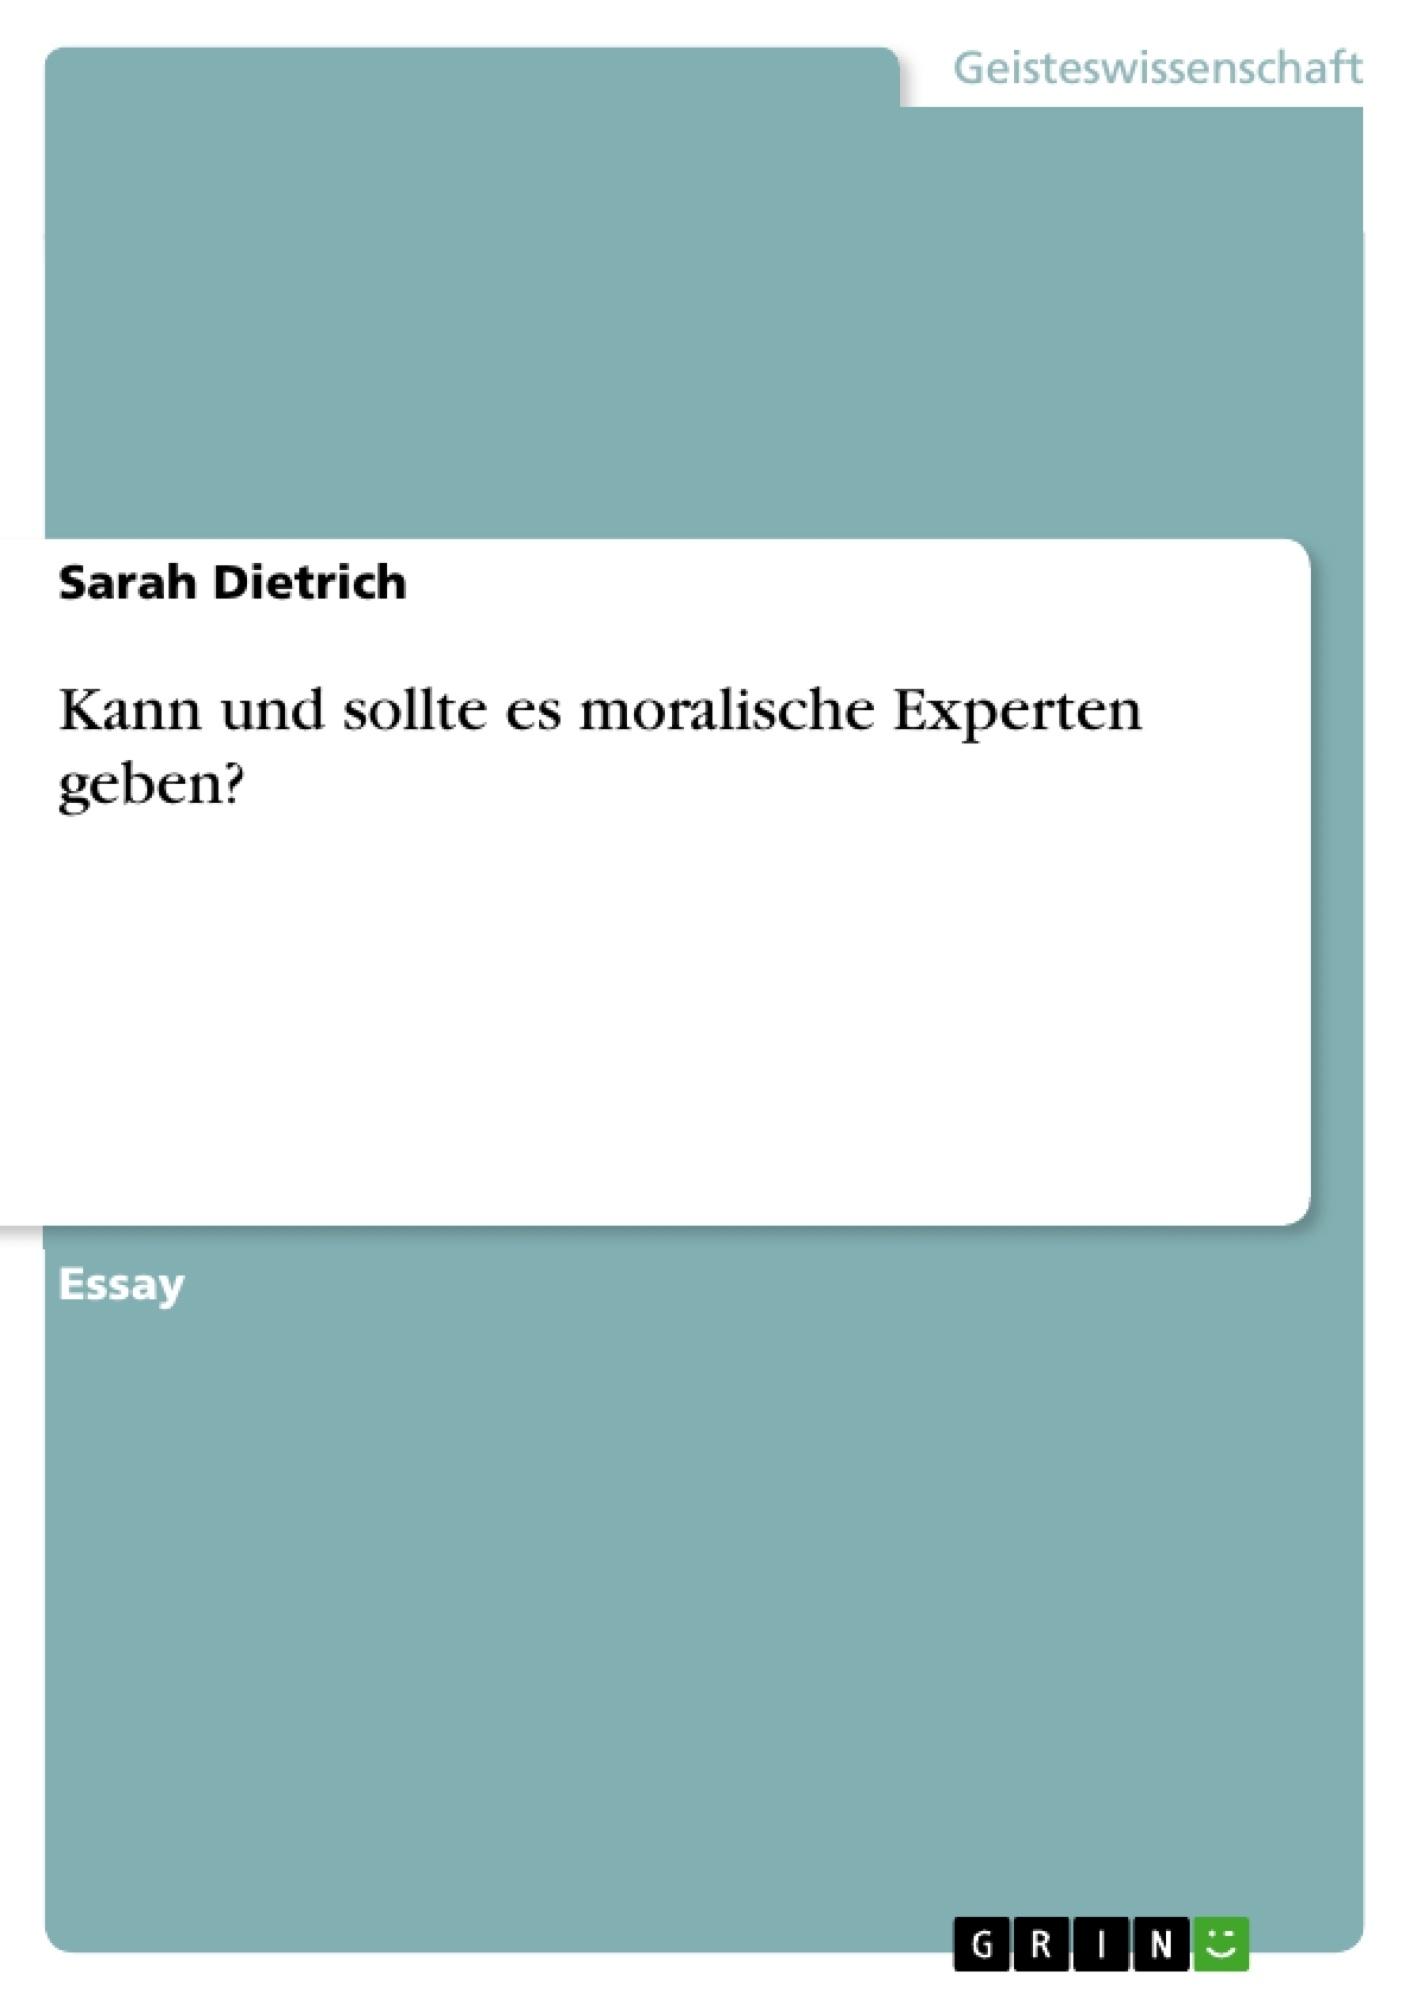 Titel: Kann und sollte es moralische Experten geben?